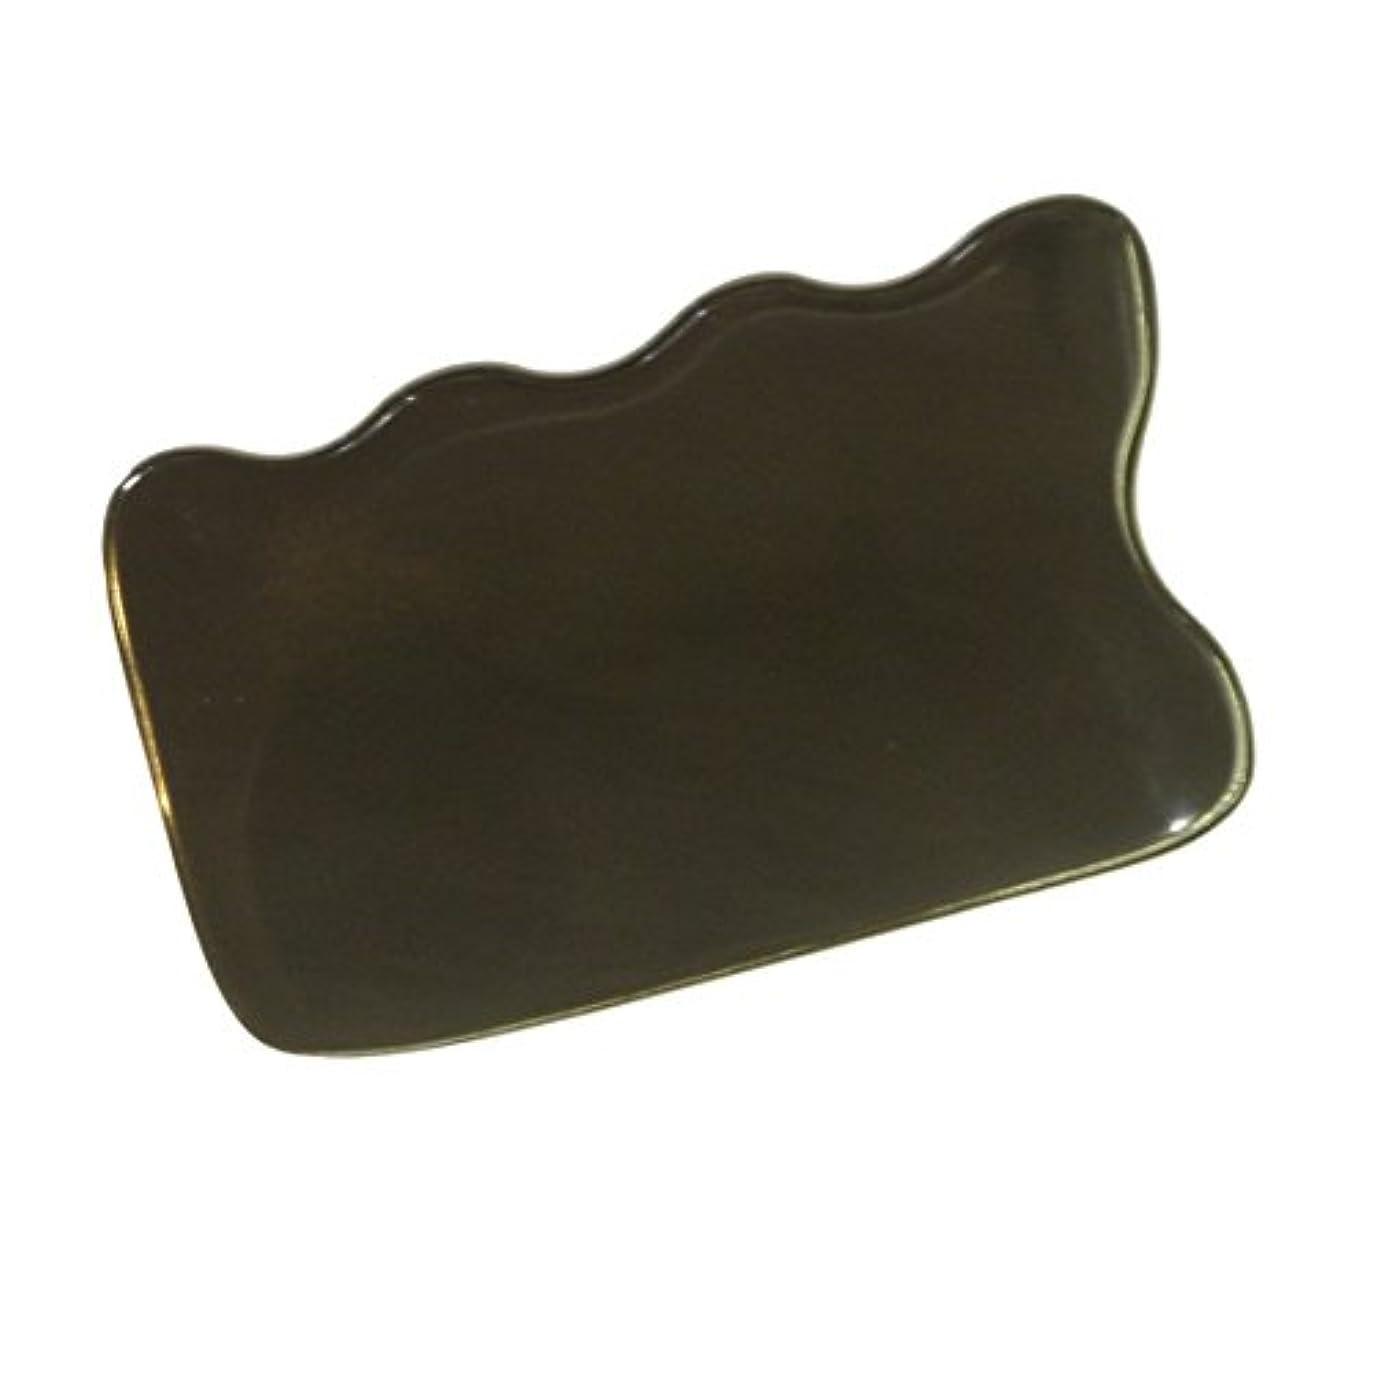 条約塗抹フロンティアかっさ プレート 厚さが選べる 水牛の角(黒水牛角) EHE220 四角波 一般品 厚め(7ミリ程度)